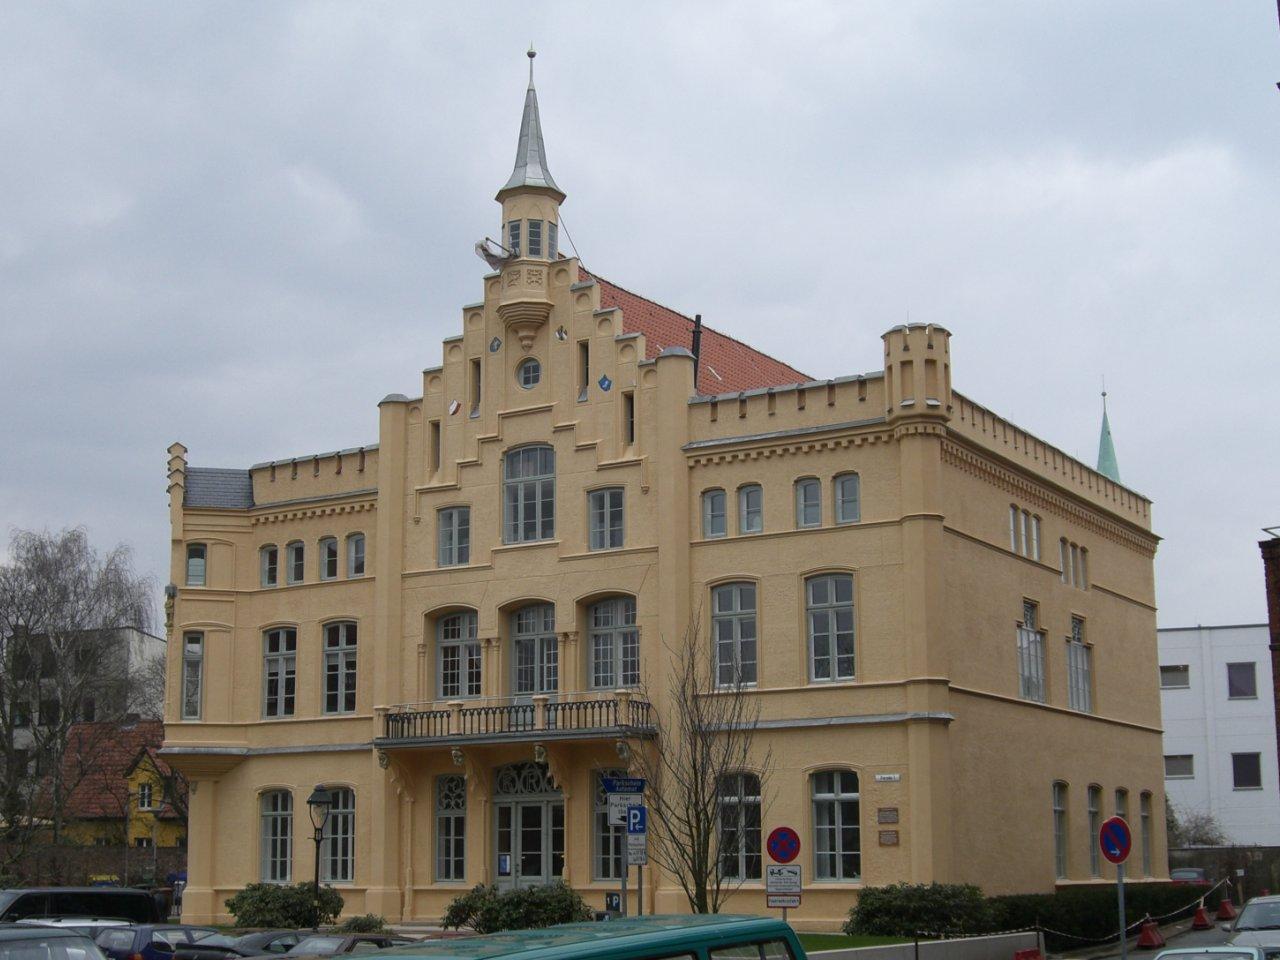 Rantzau